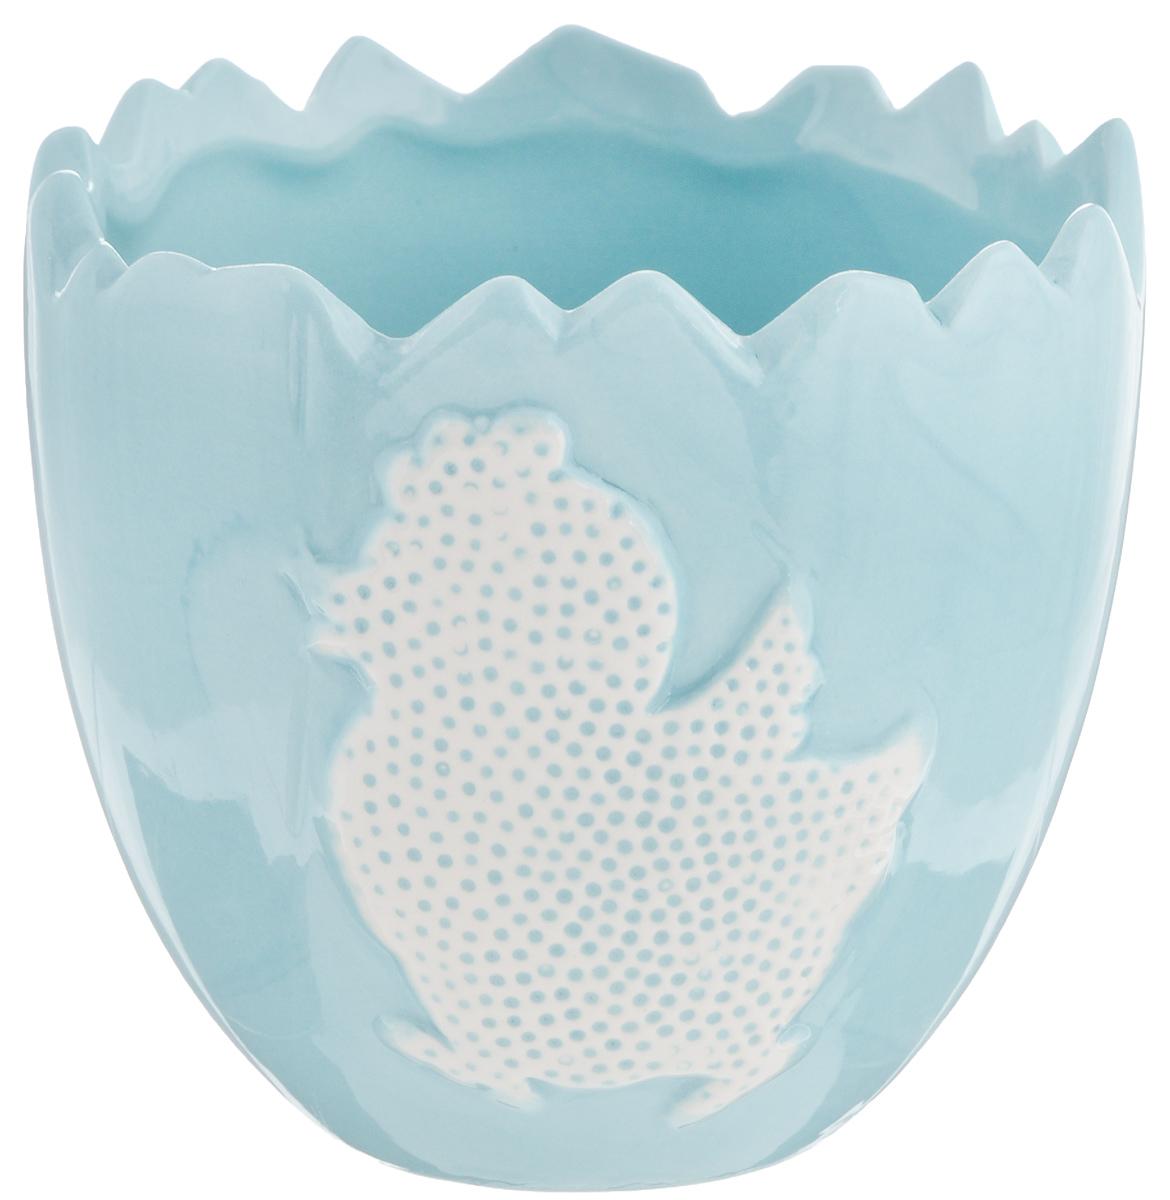 Салатник Patricia Утенок, цвет: голубой, белый, 250 млIM16-0202Оригинальный салатник Patricia Утенок изготовлен из высококачественной керамики. Внешние стенки оформлены изображением утенка. Такое изделие прекрасно подойдет для подачи салатов, закусок или первых блюд. Не рекомендуется мыть в посудомоечной машине и использовать в микроволновой печи. Такой салатник не только украсит ваш праздничный или обеденный стол, но и станет отличным подарком.